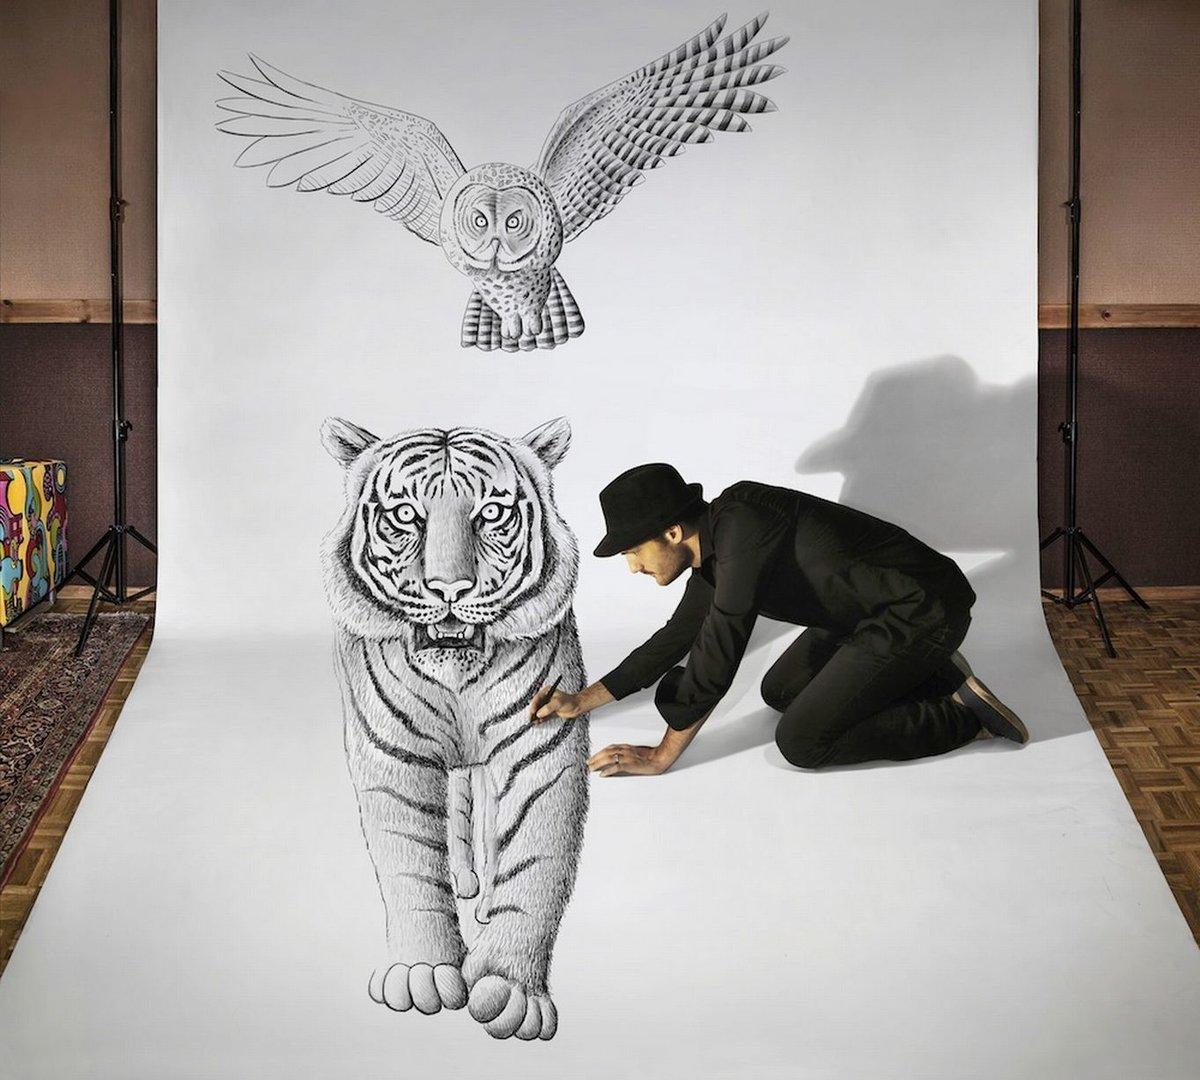 млекопитающее объемные рисунки животных пореченков один